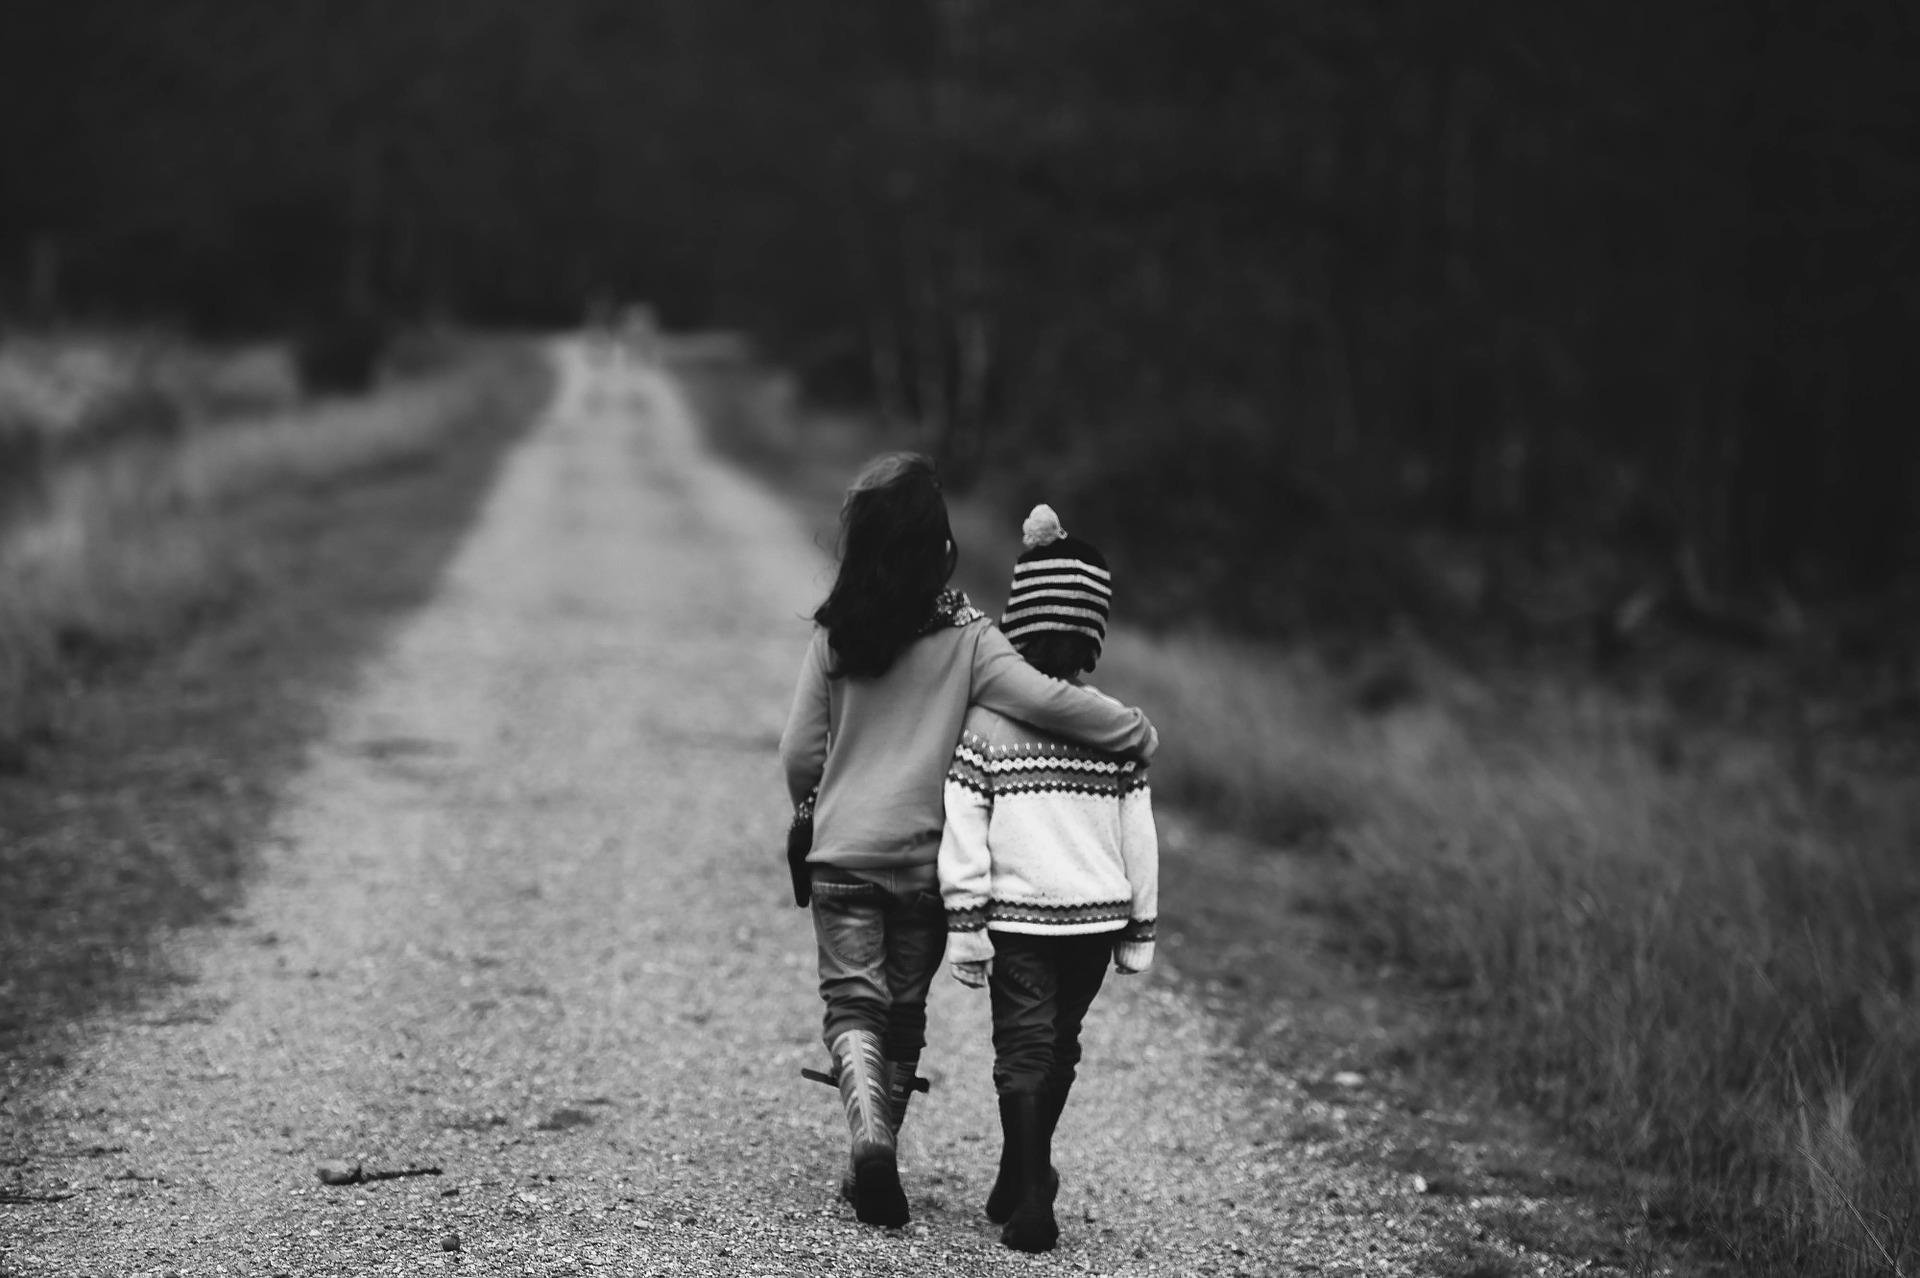 子供がいなくなる夢の意味|子供が誘拐される夢の意味